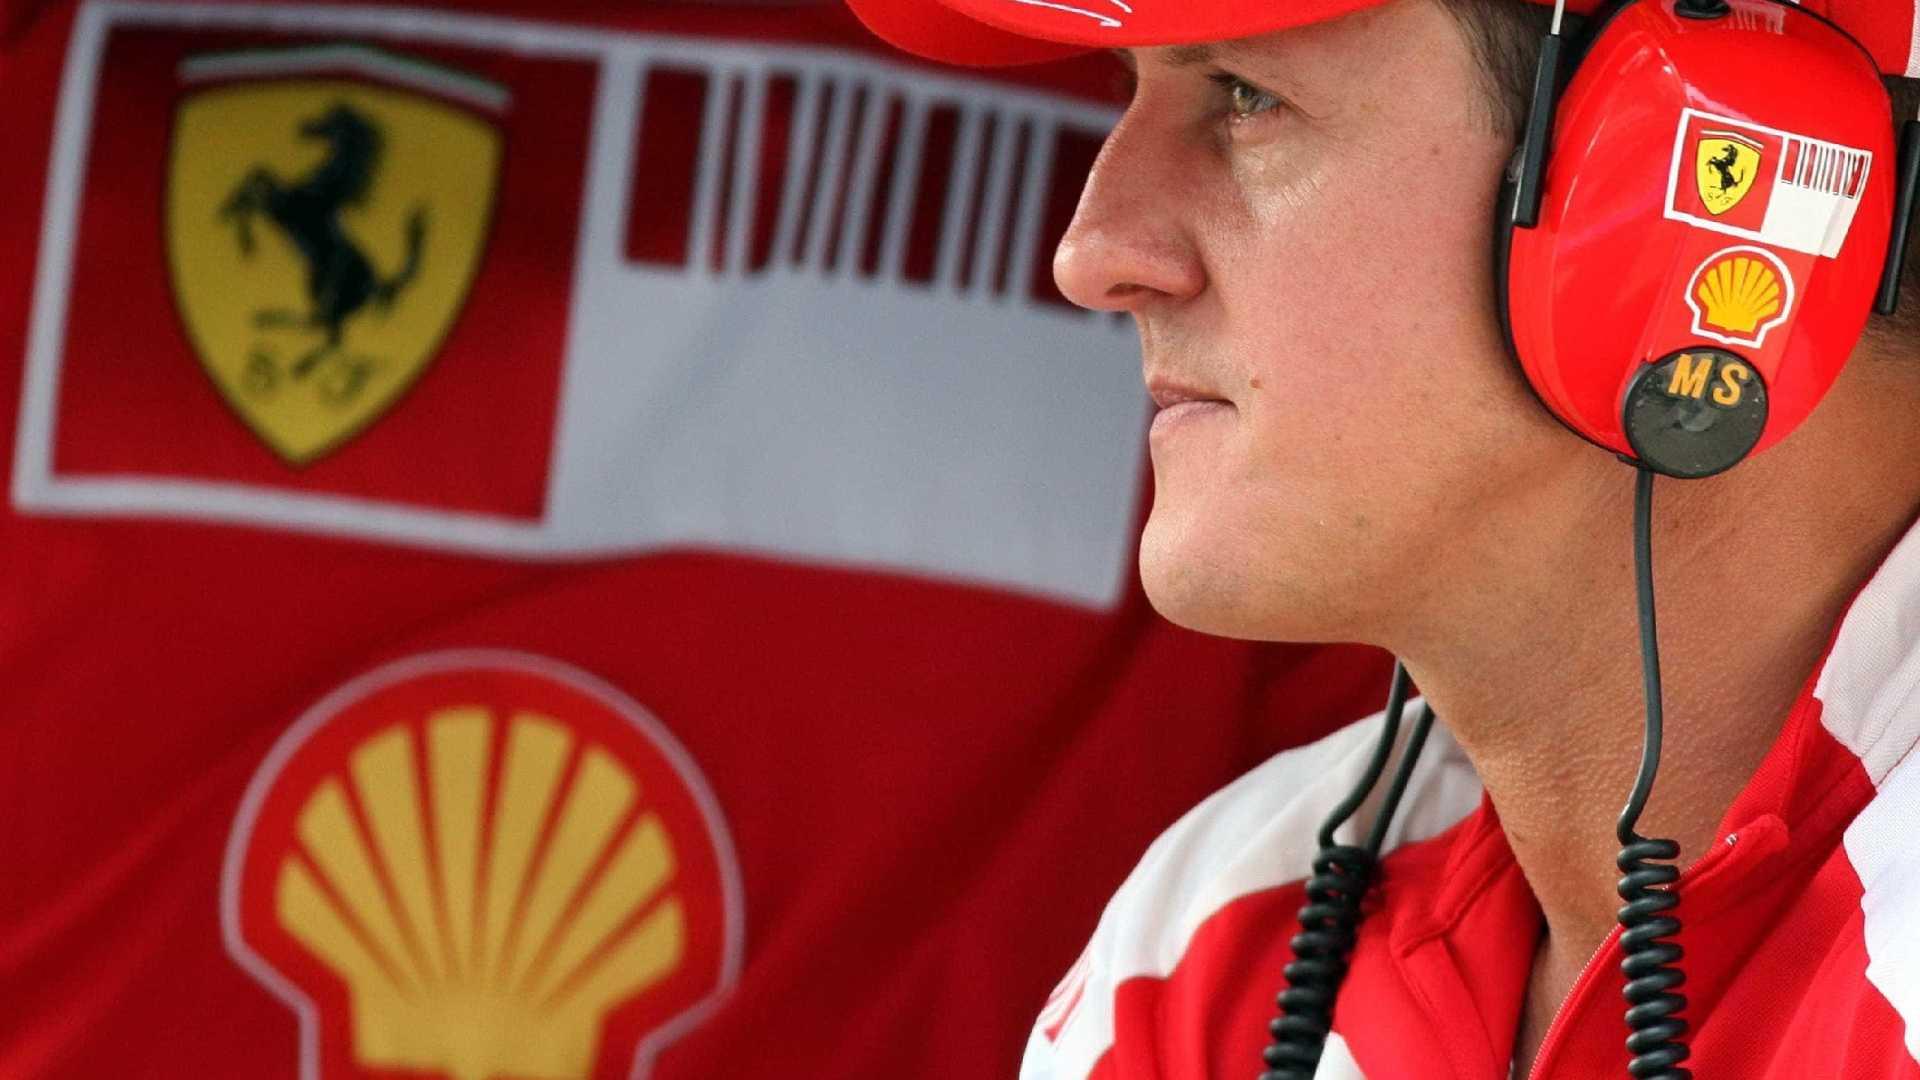 Às vésperas do aniversário de Schumacher, esposa manda recado a fãs